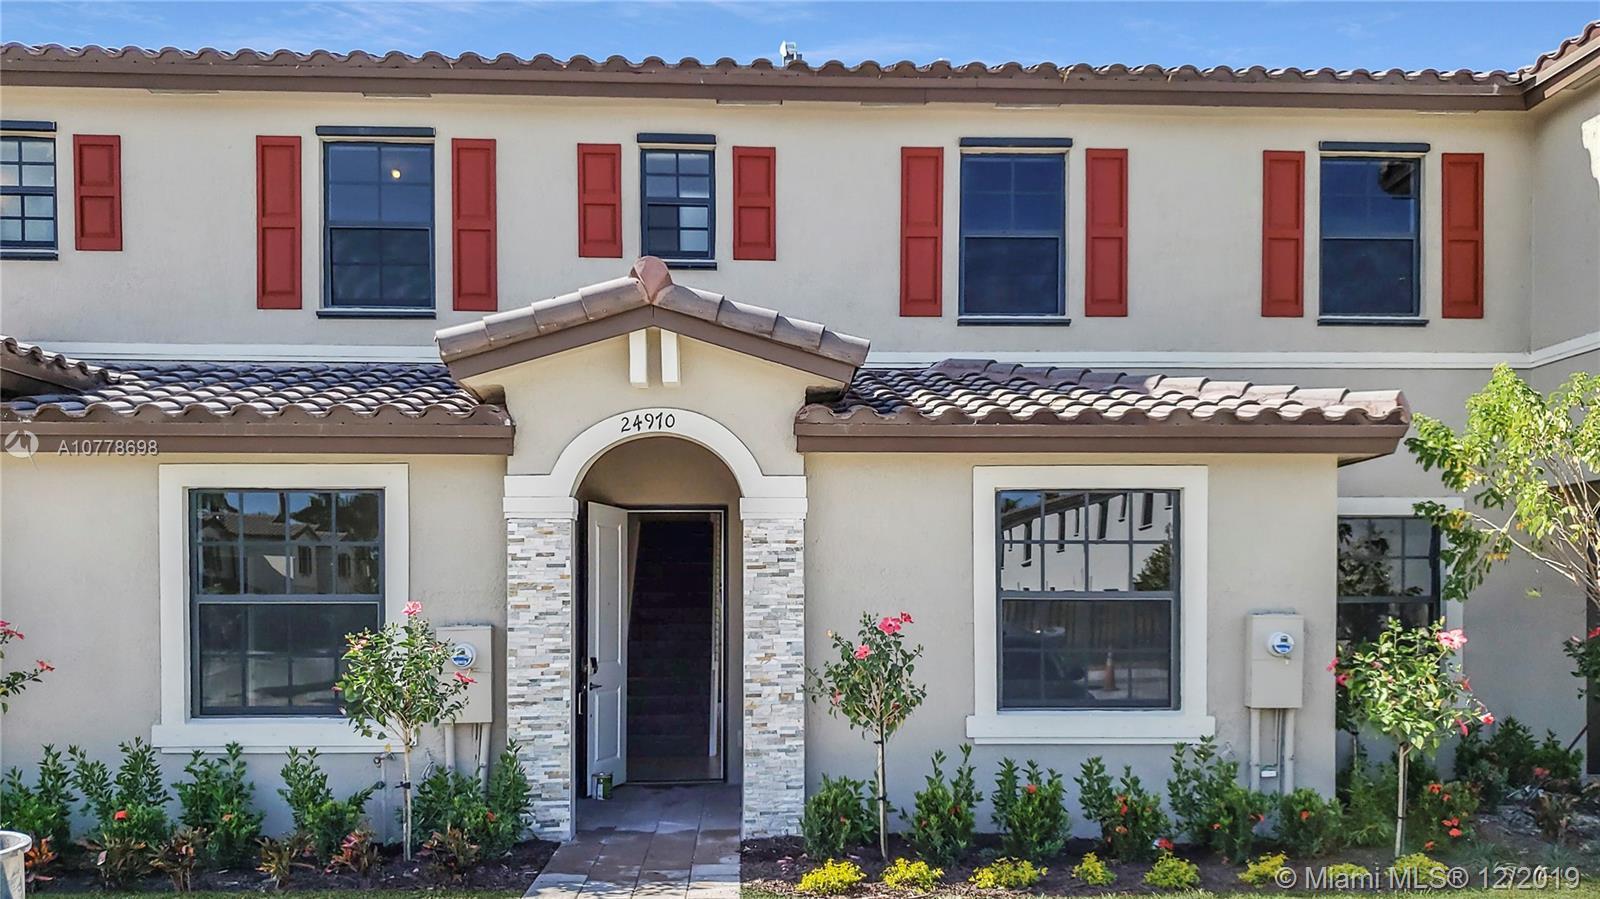 24970 SW 112th Court, Miami, FL 33032 - Miami, FL real estate listing